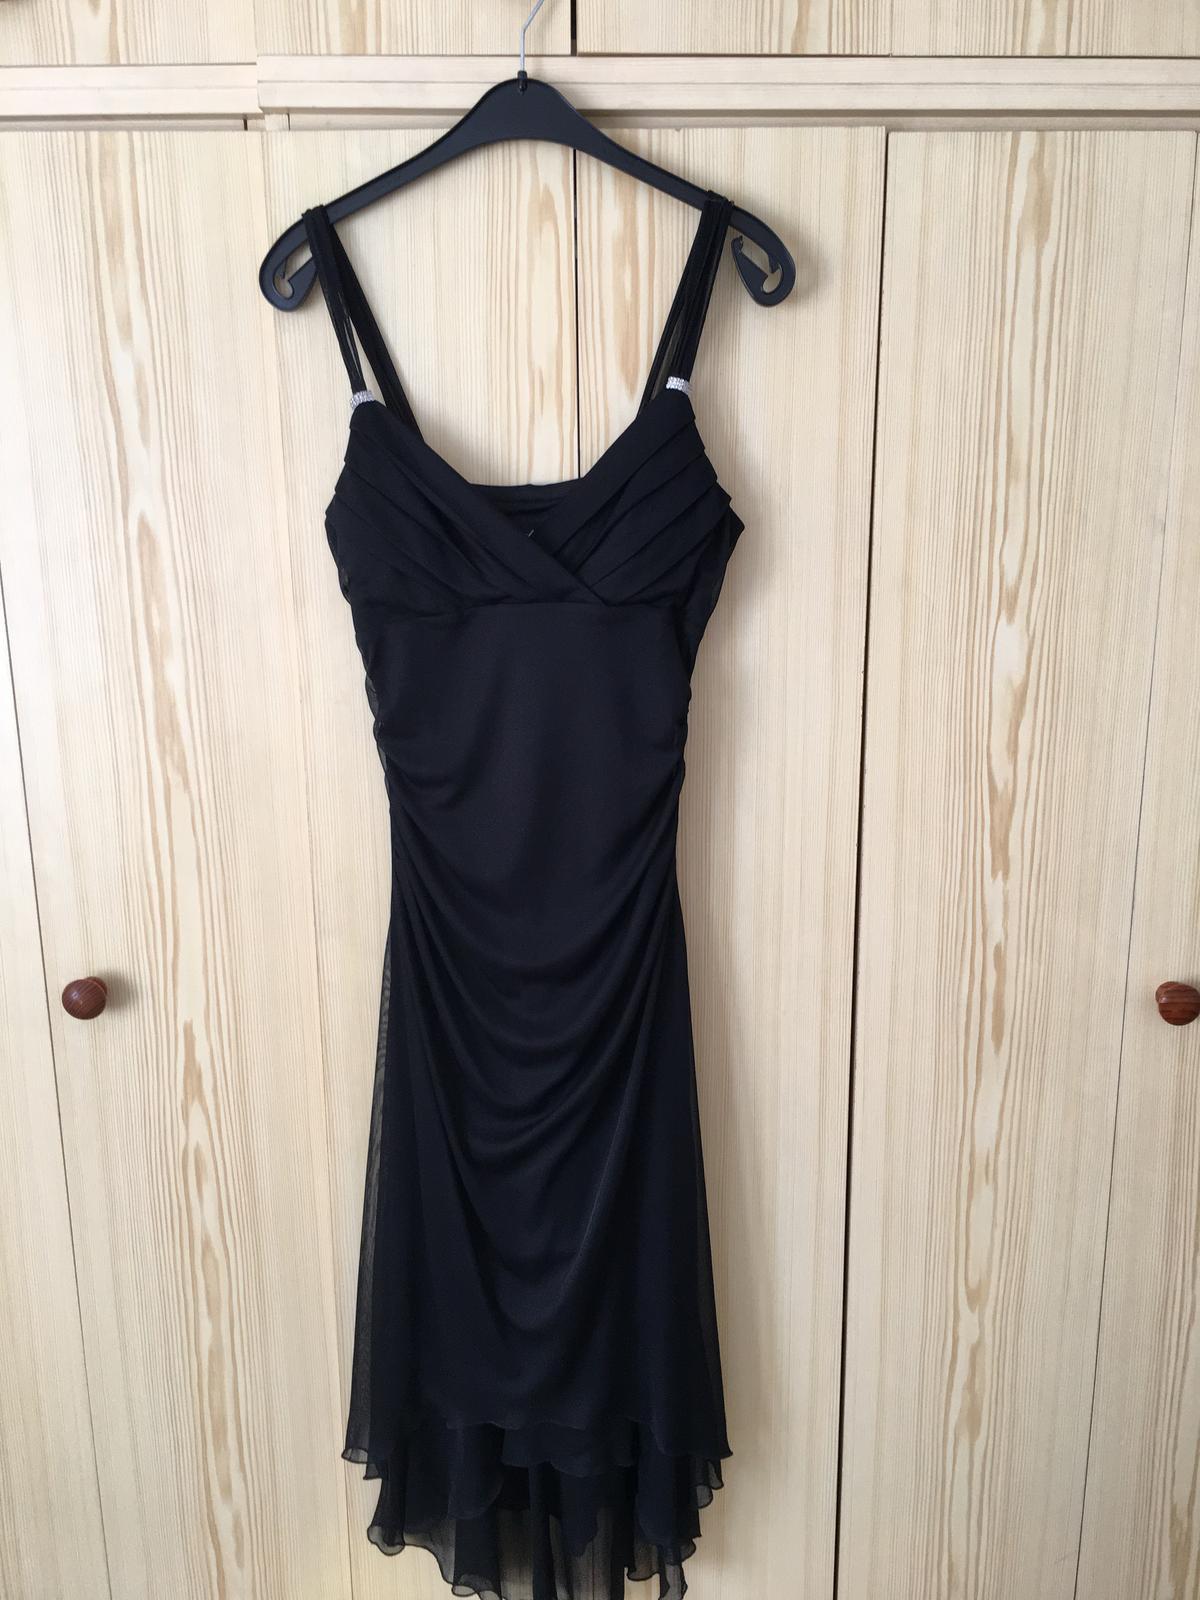 Elegantné spoločenské šaty - 38 - Obrázok č. 1